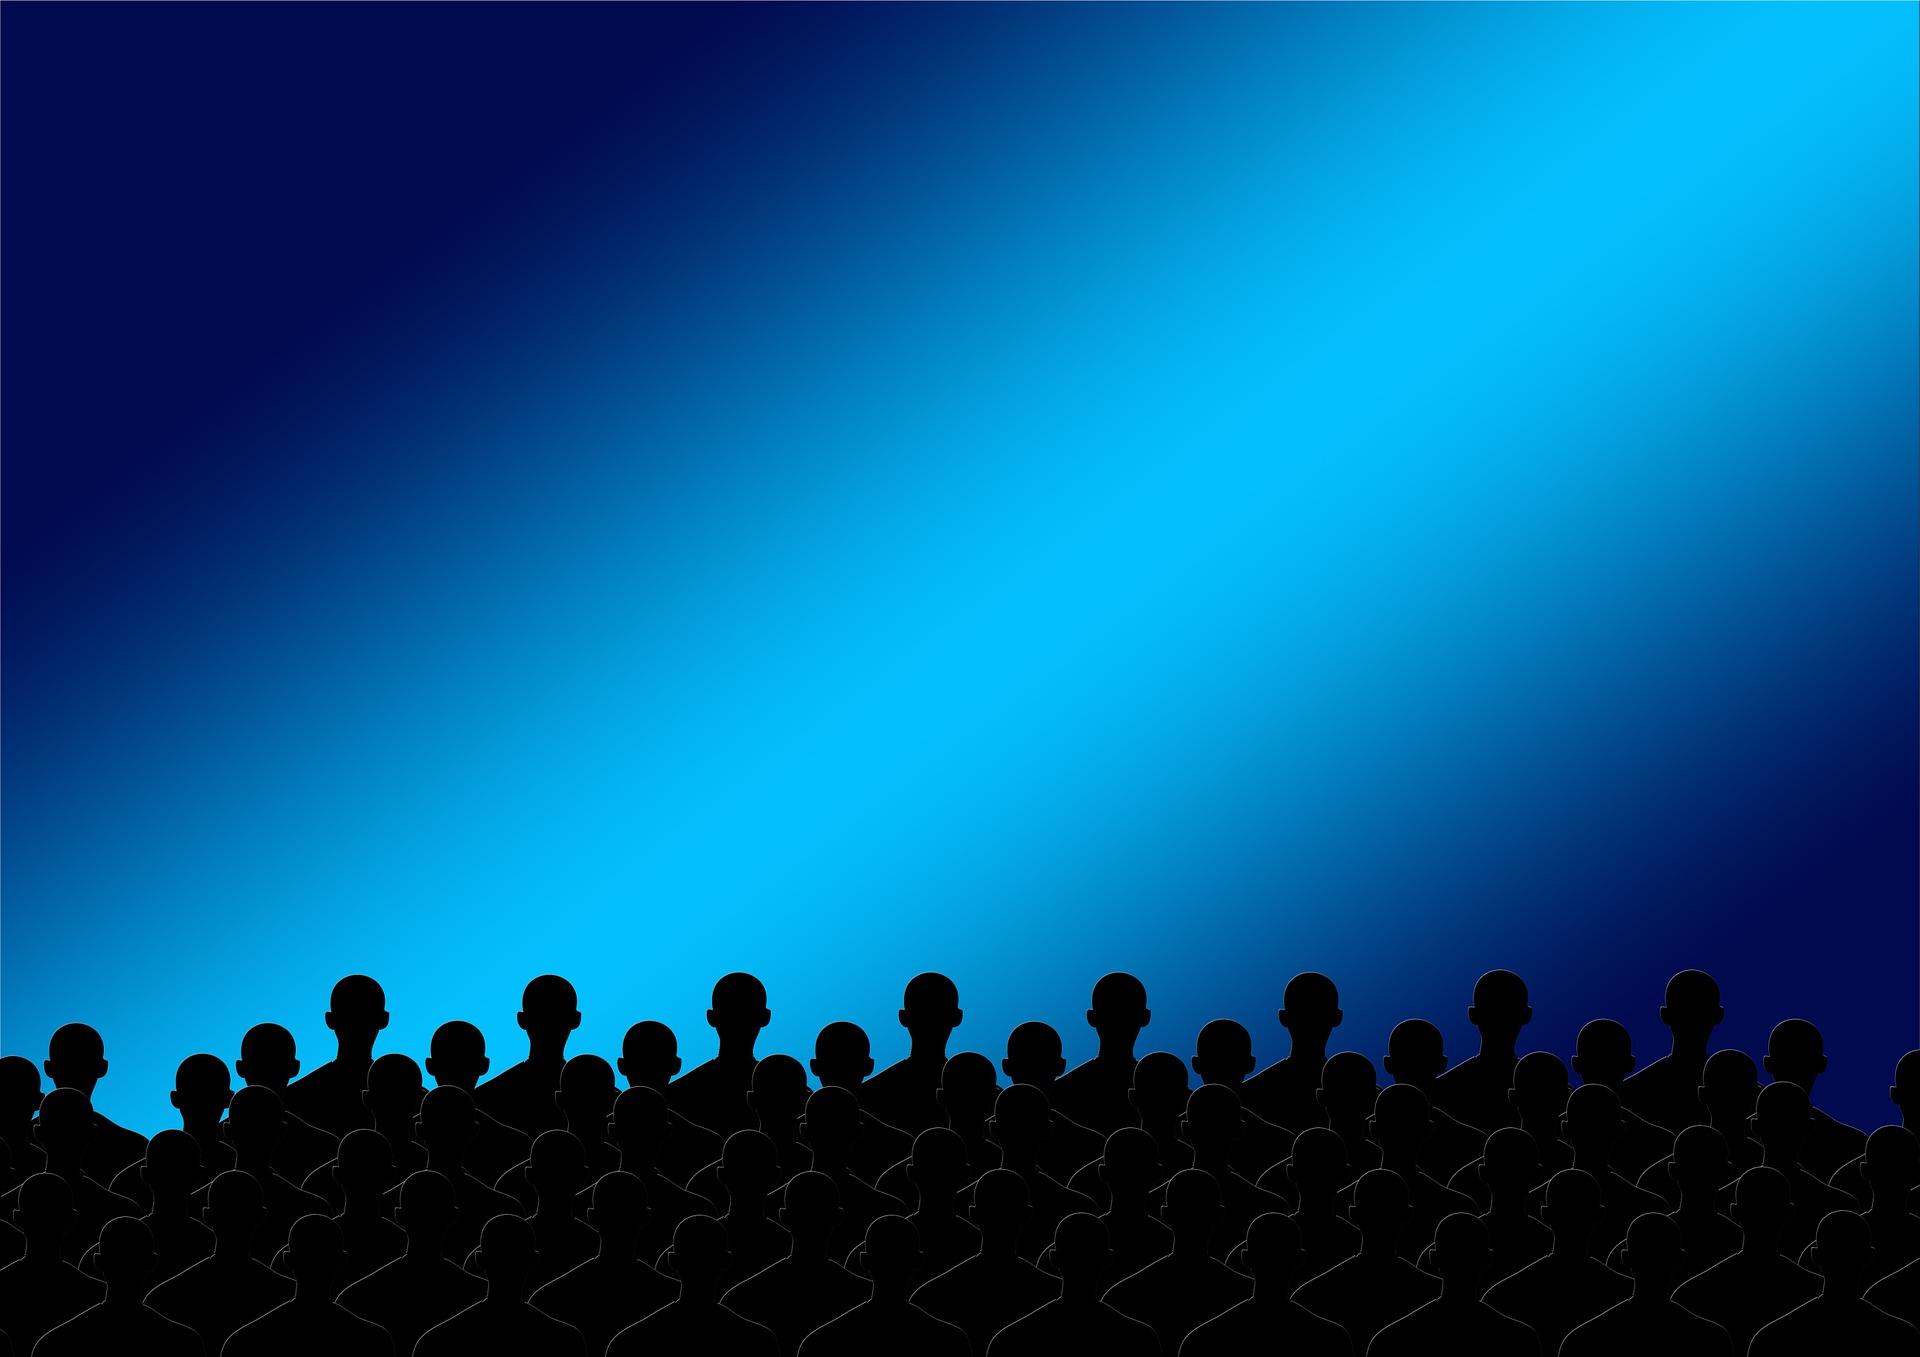 audienceimage